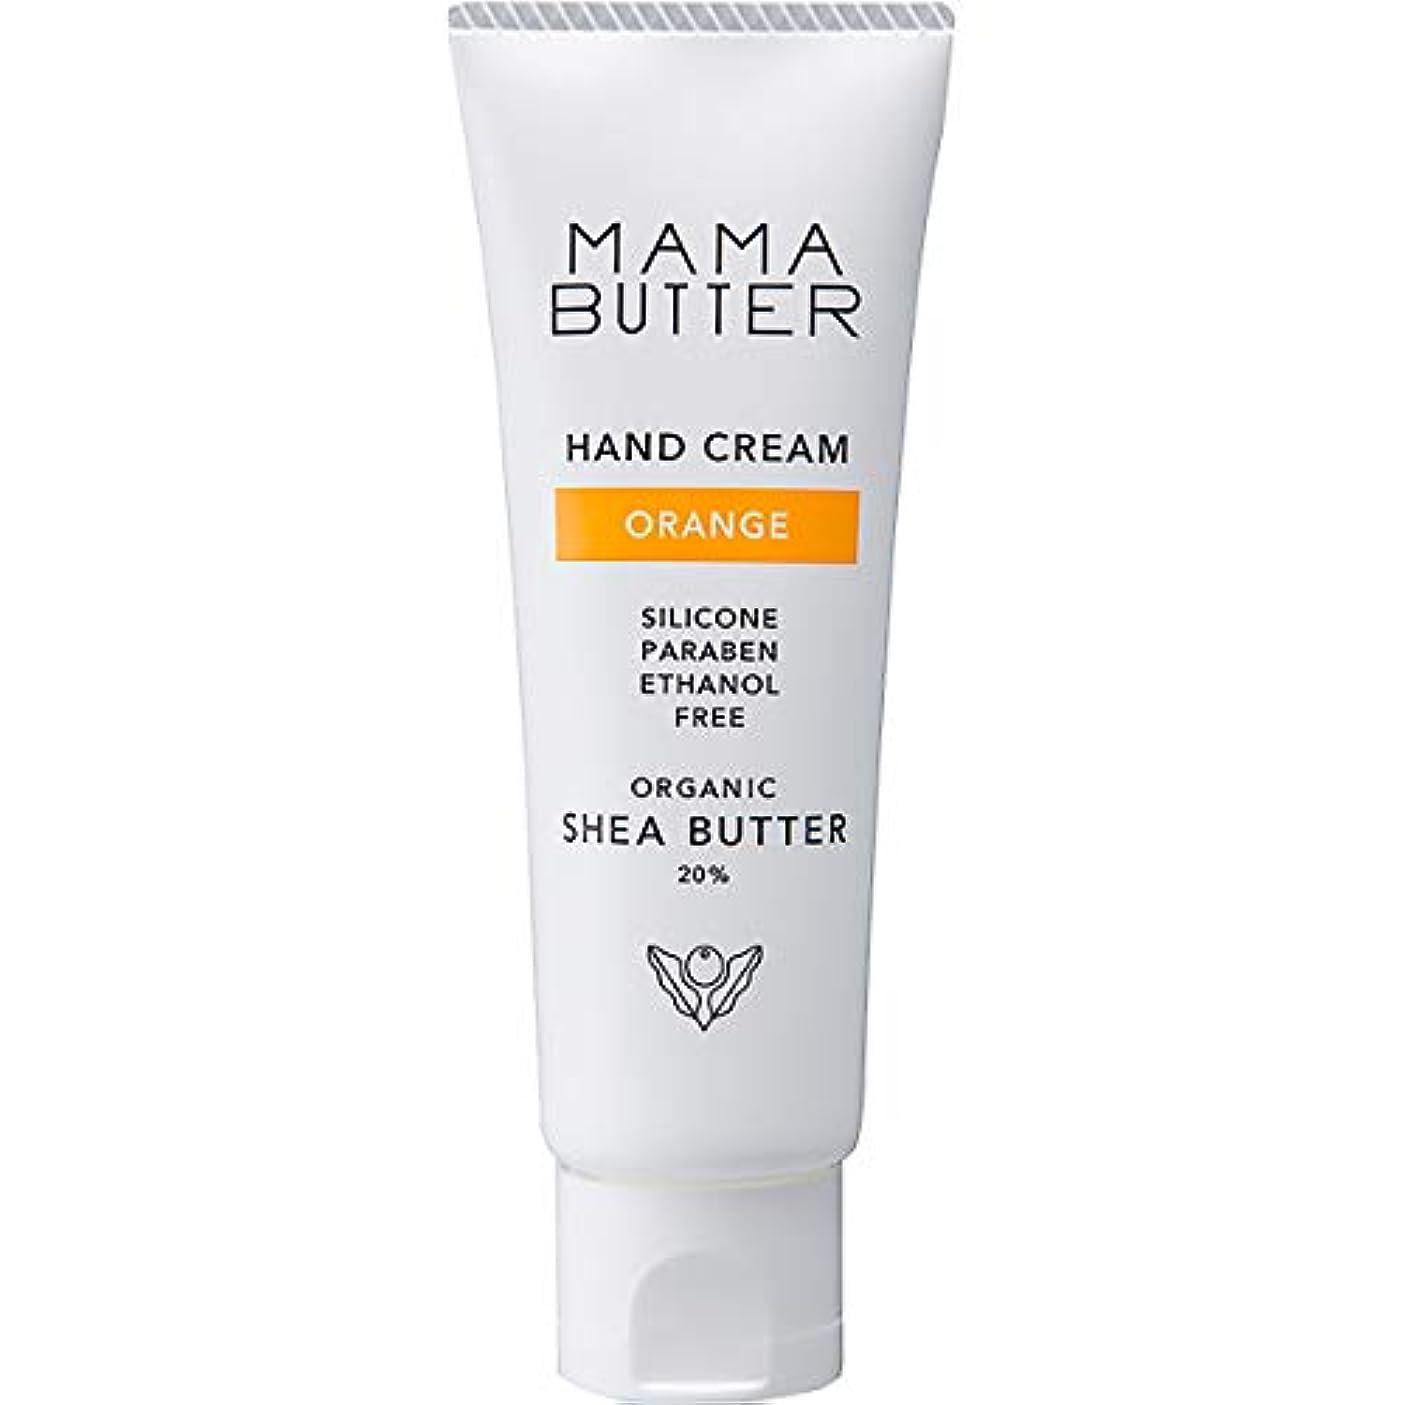 スコットランド人悔い改めるシンプルなMAMA BUTTER(ママバター) ハンドクリーム40g オレンジ